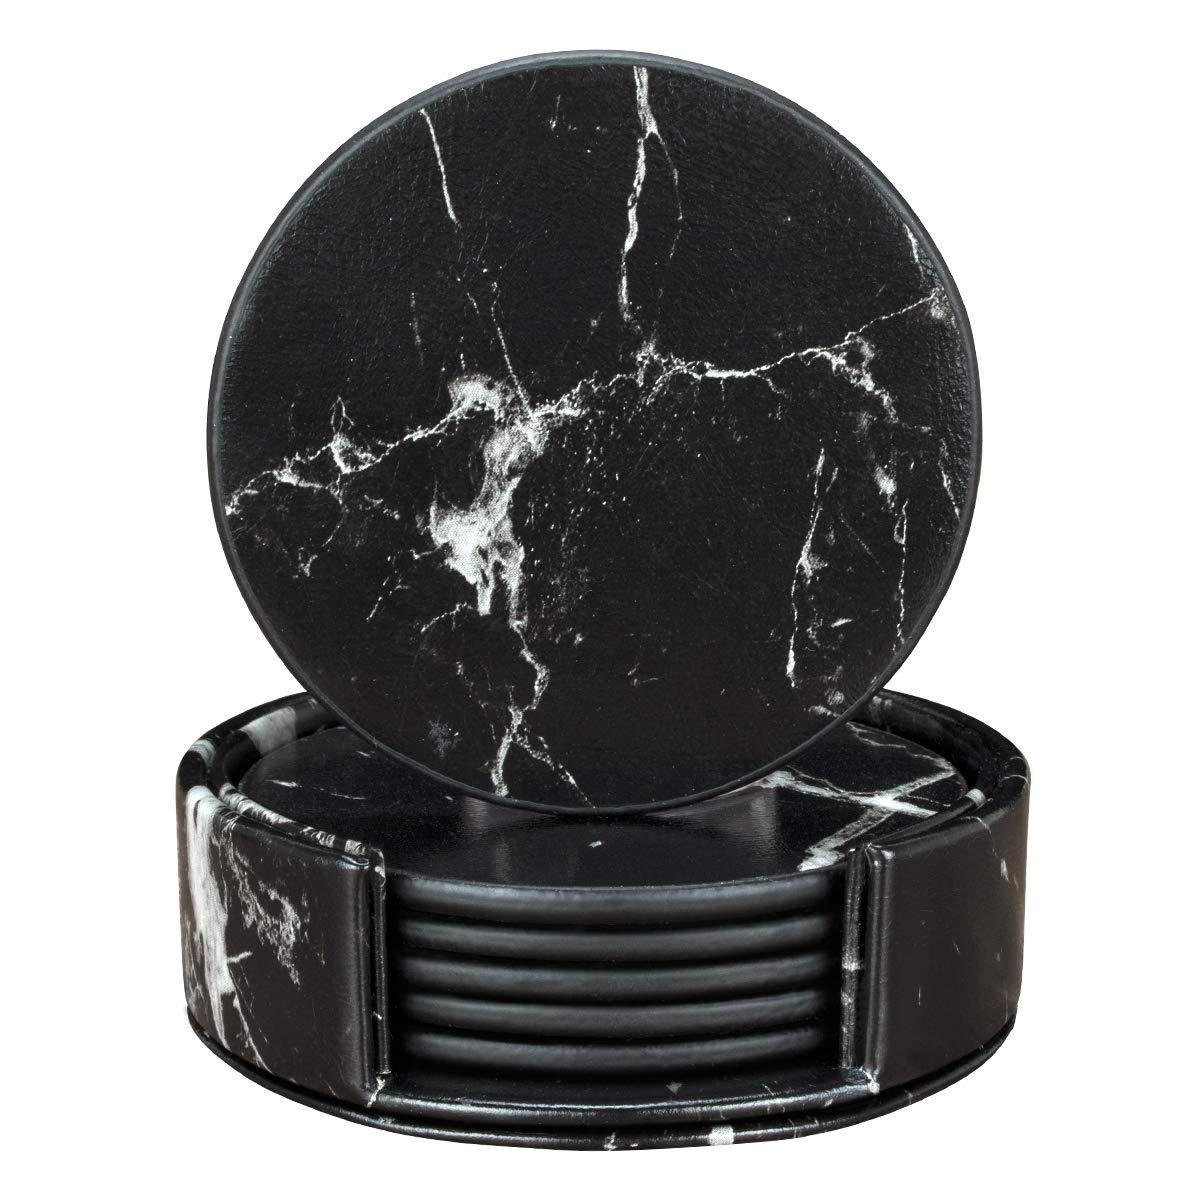 ドリンク用コースター 円形マーブルレザーコースター ホルダー付き 6個セット 家具を保護 Round ブラック Round ブラックマーブル B07KDB4W5Q